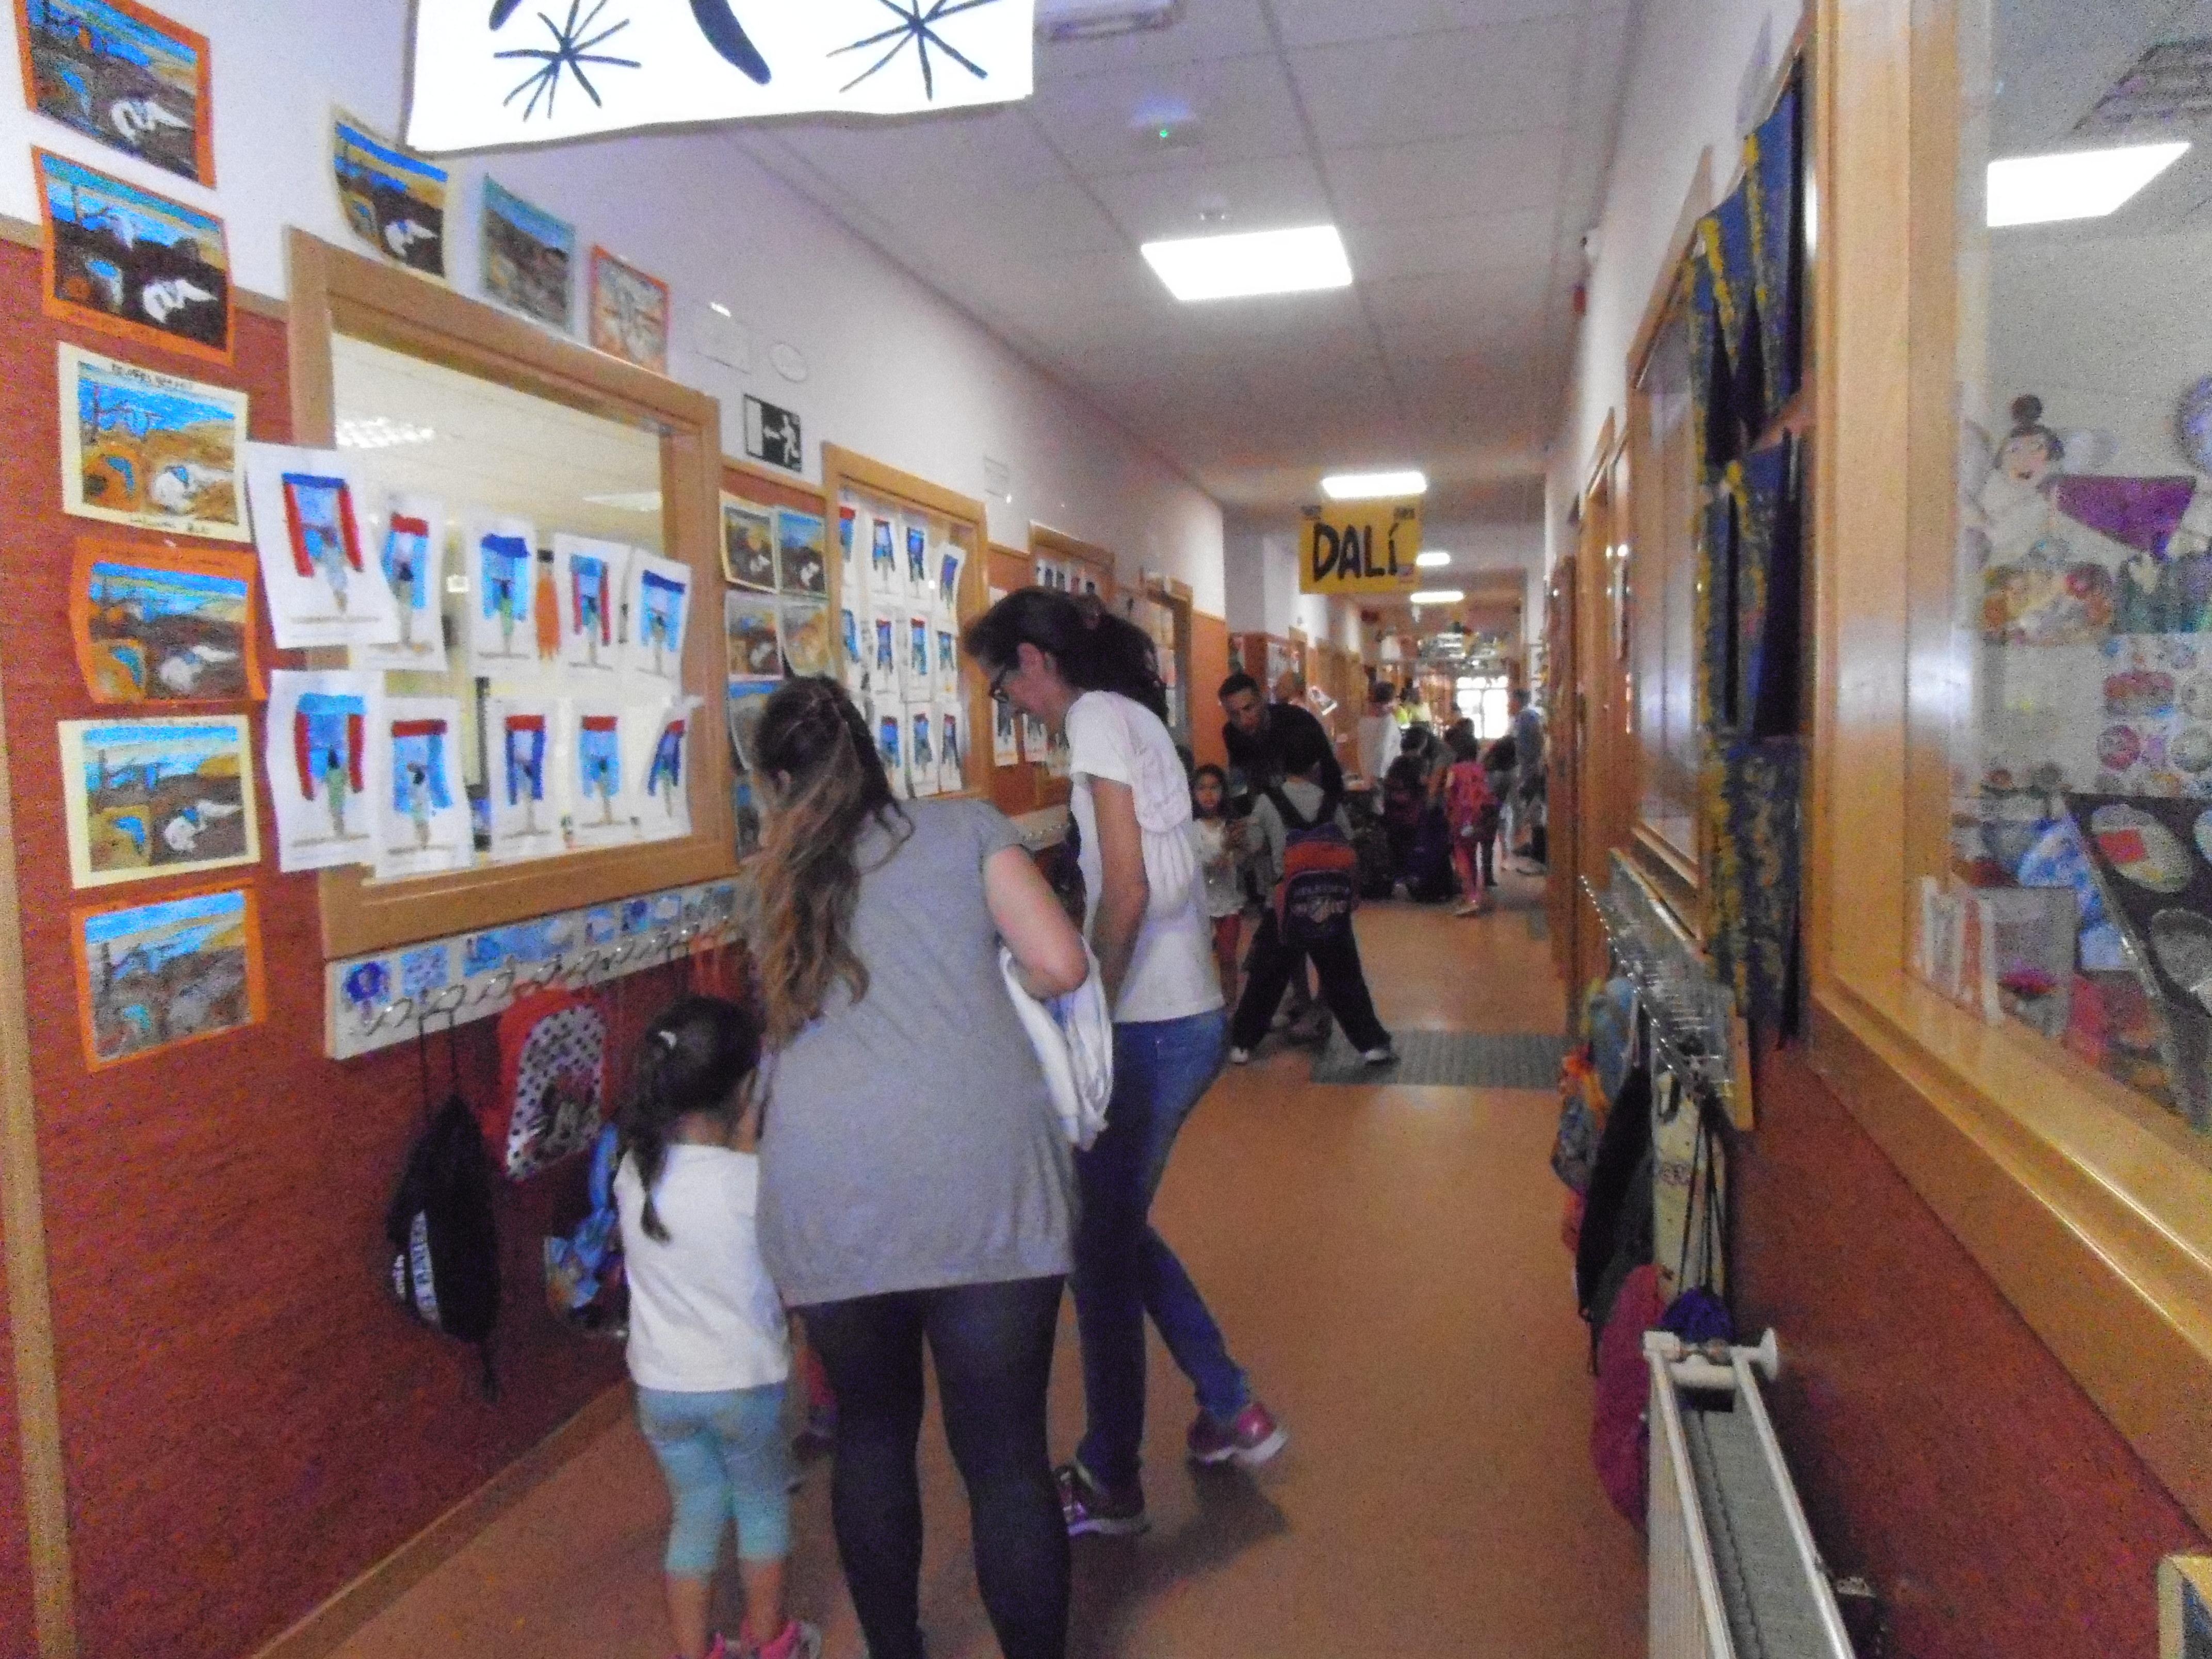 Pintores en Educación Infantil 15